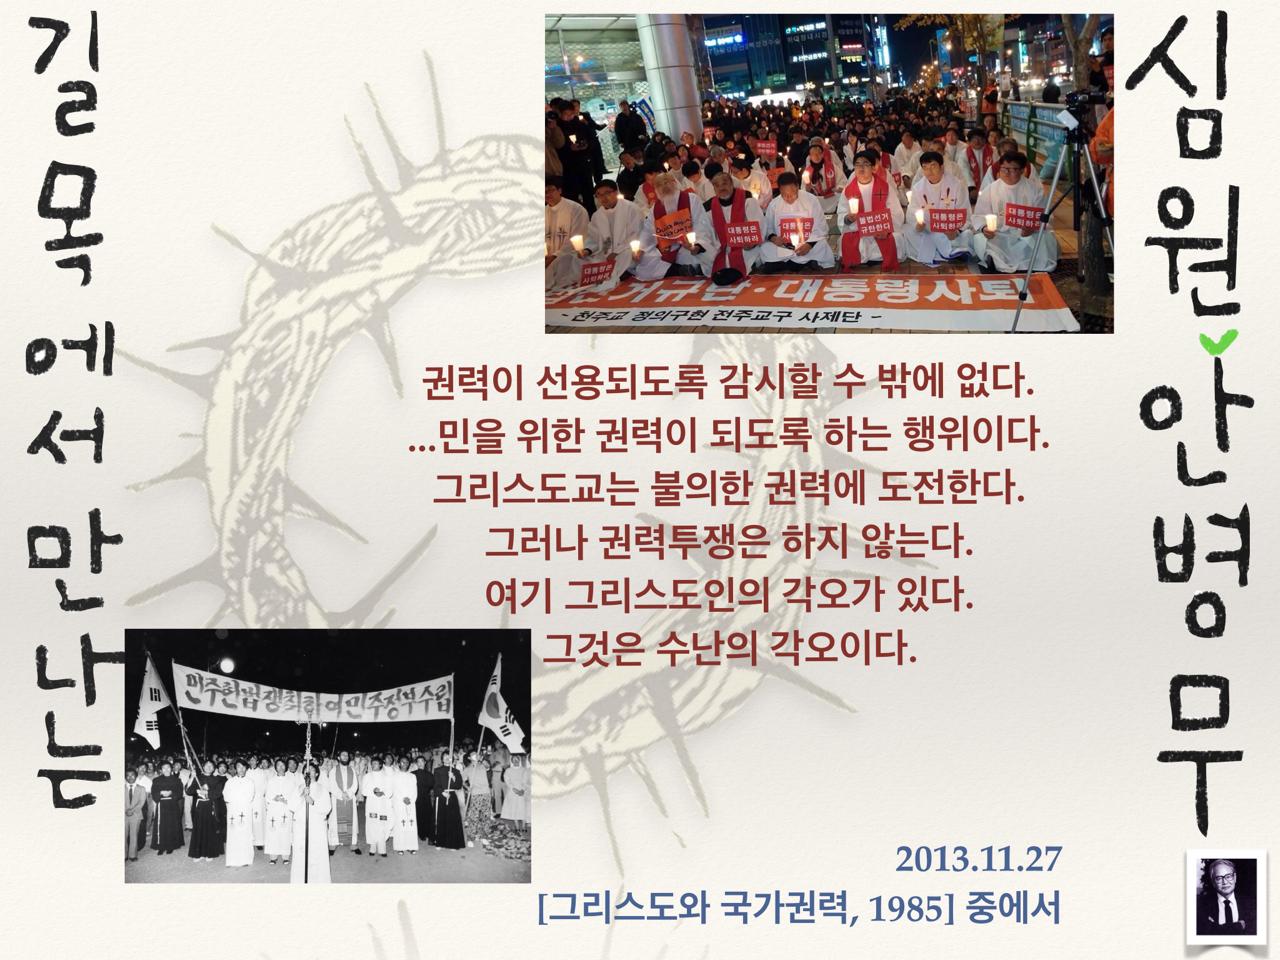 길목에서 만나는심원안병무- 2013-11-27.PNG